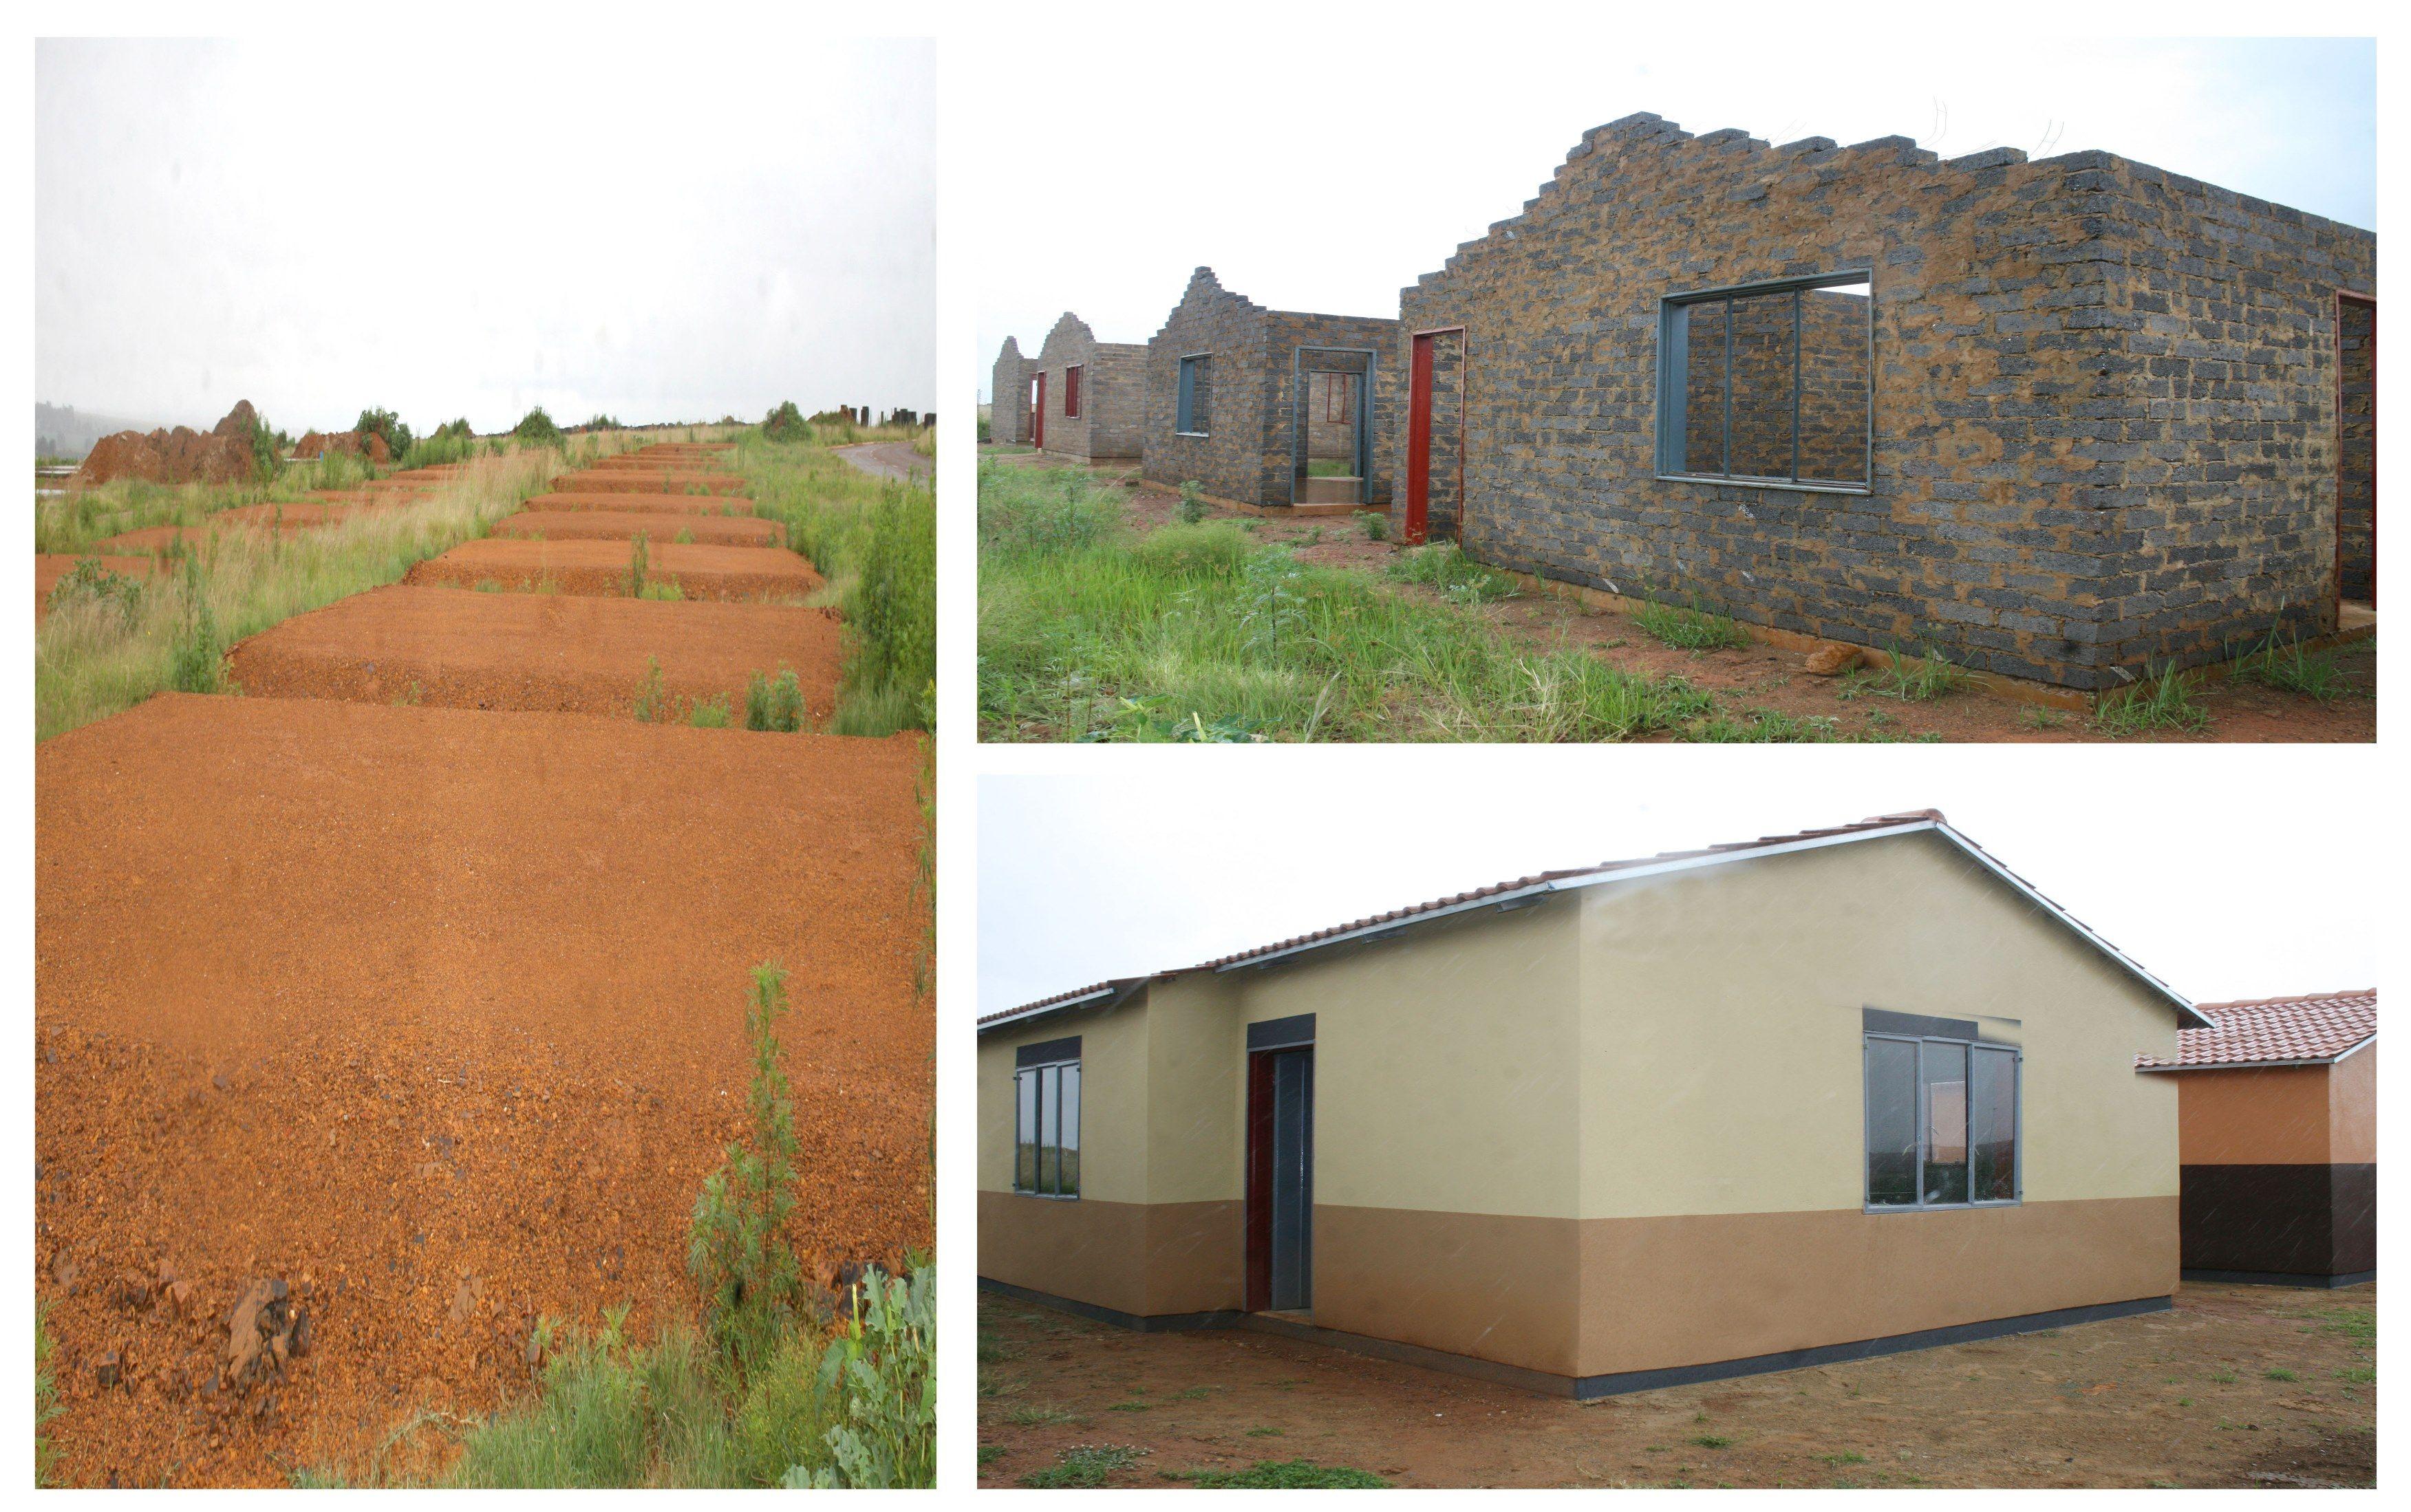 Tsakane housing project